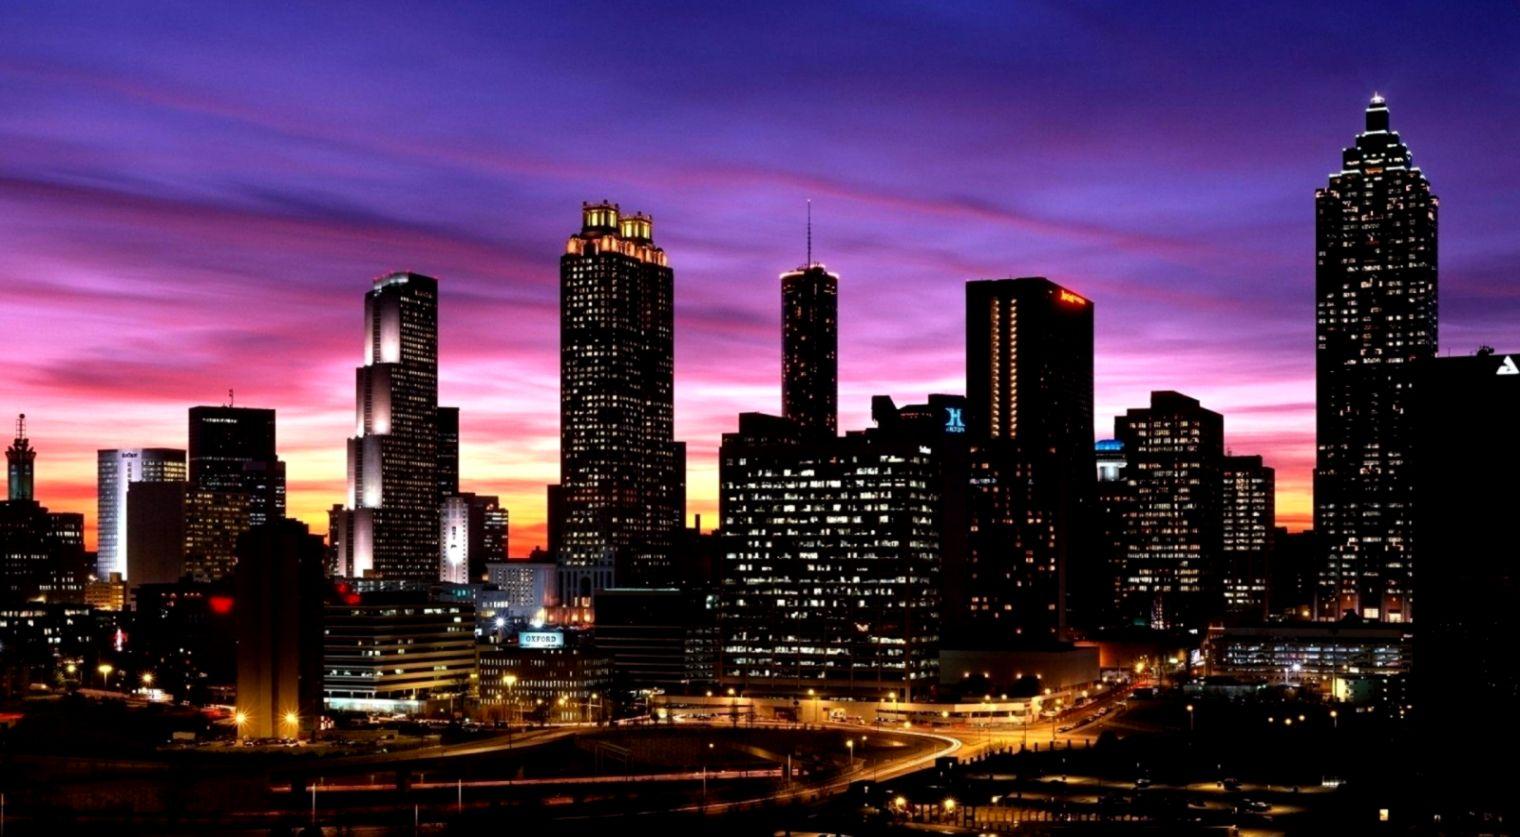 8000 Wallpaper Abstract City  Terbaik